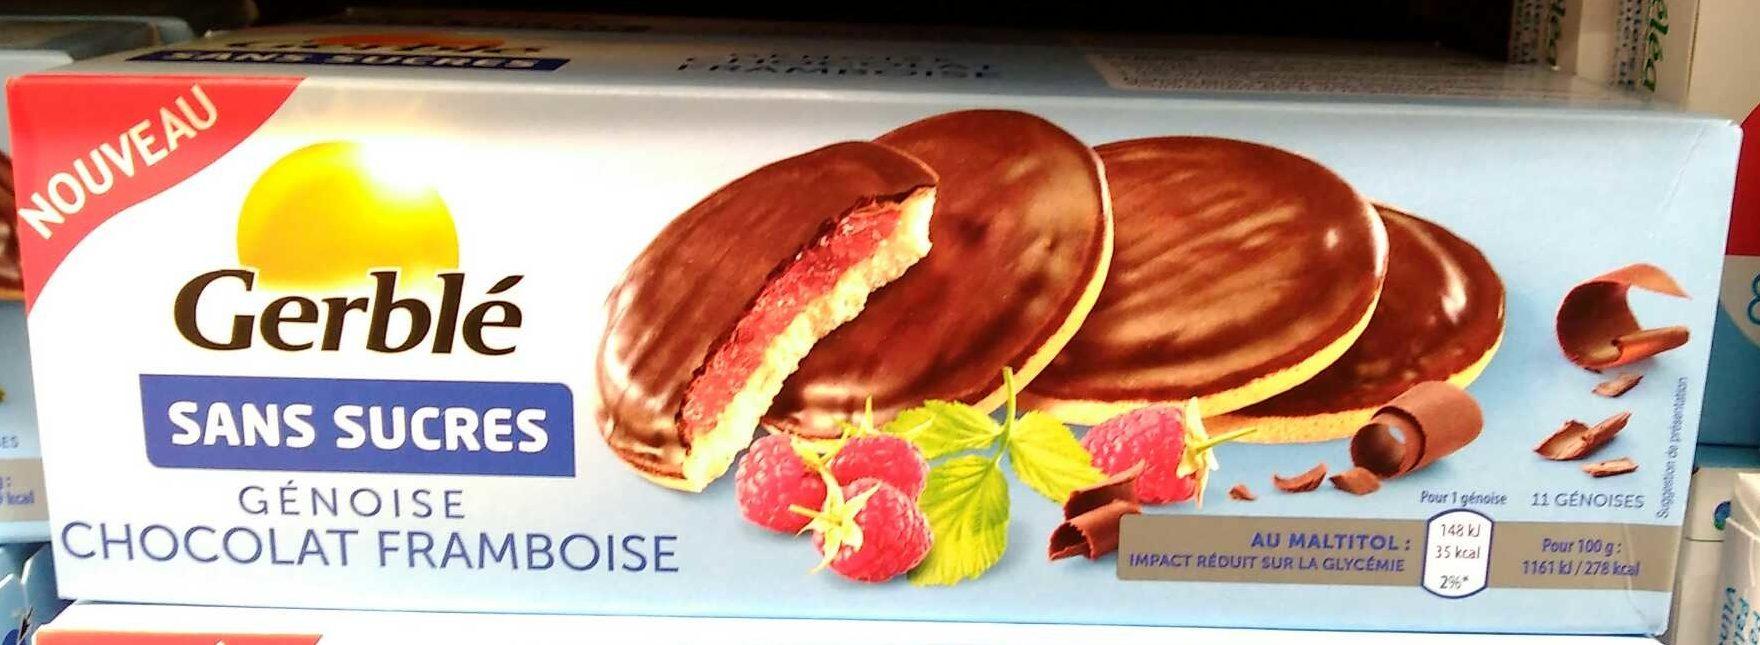 Génoise Chocolat Framboise - Product - fr